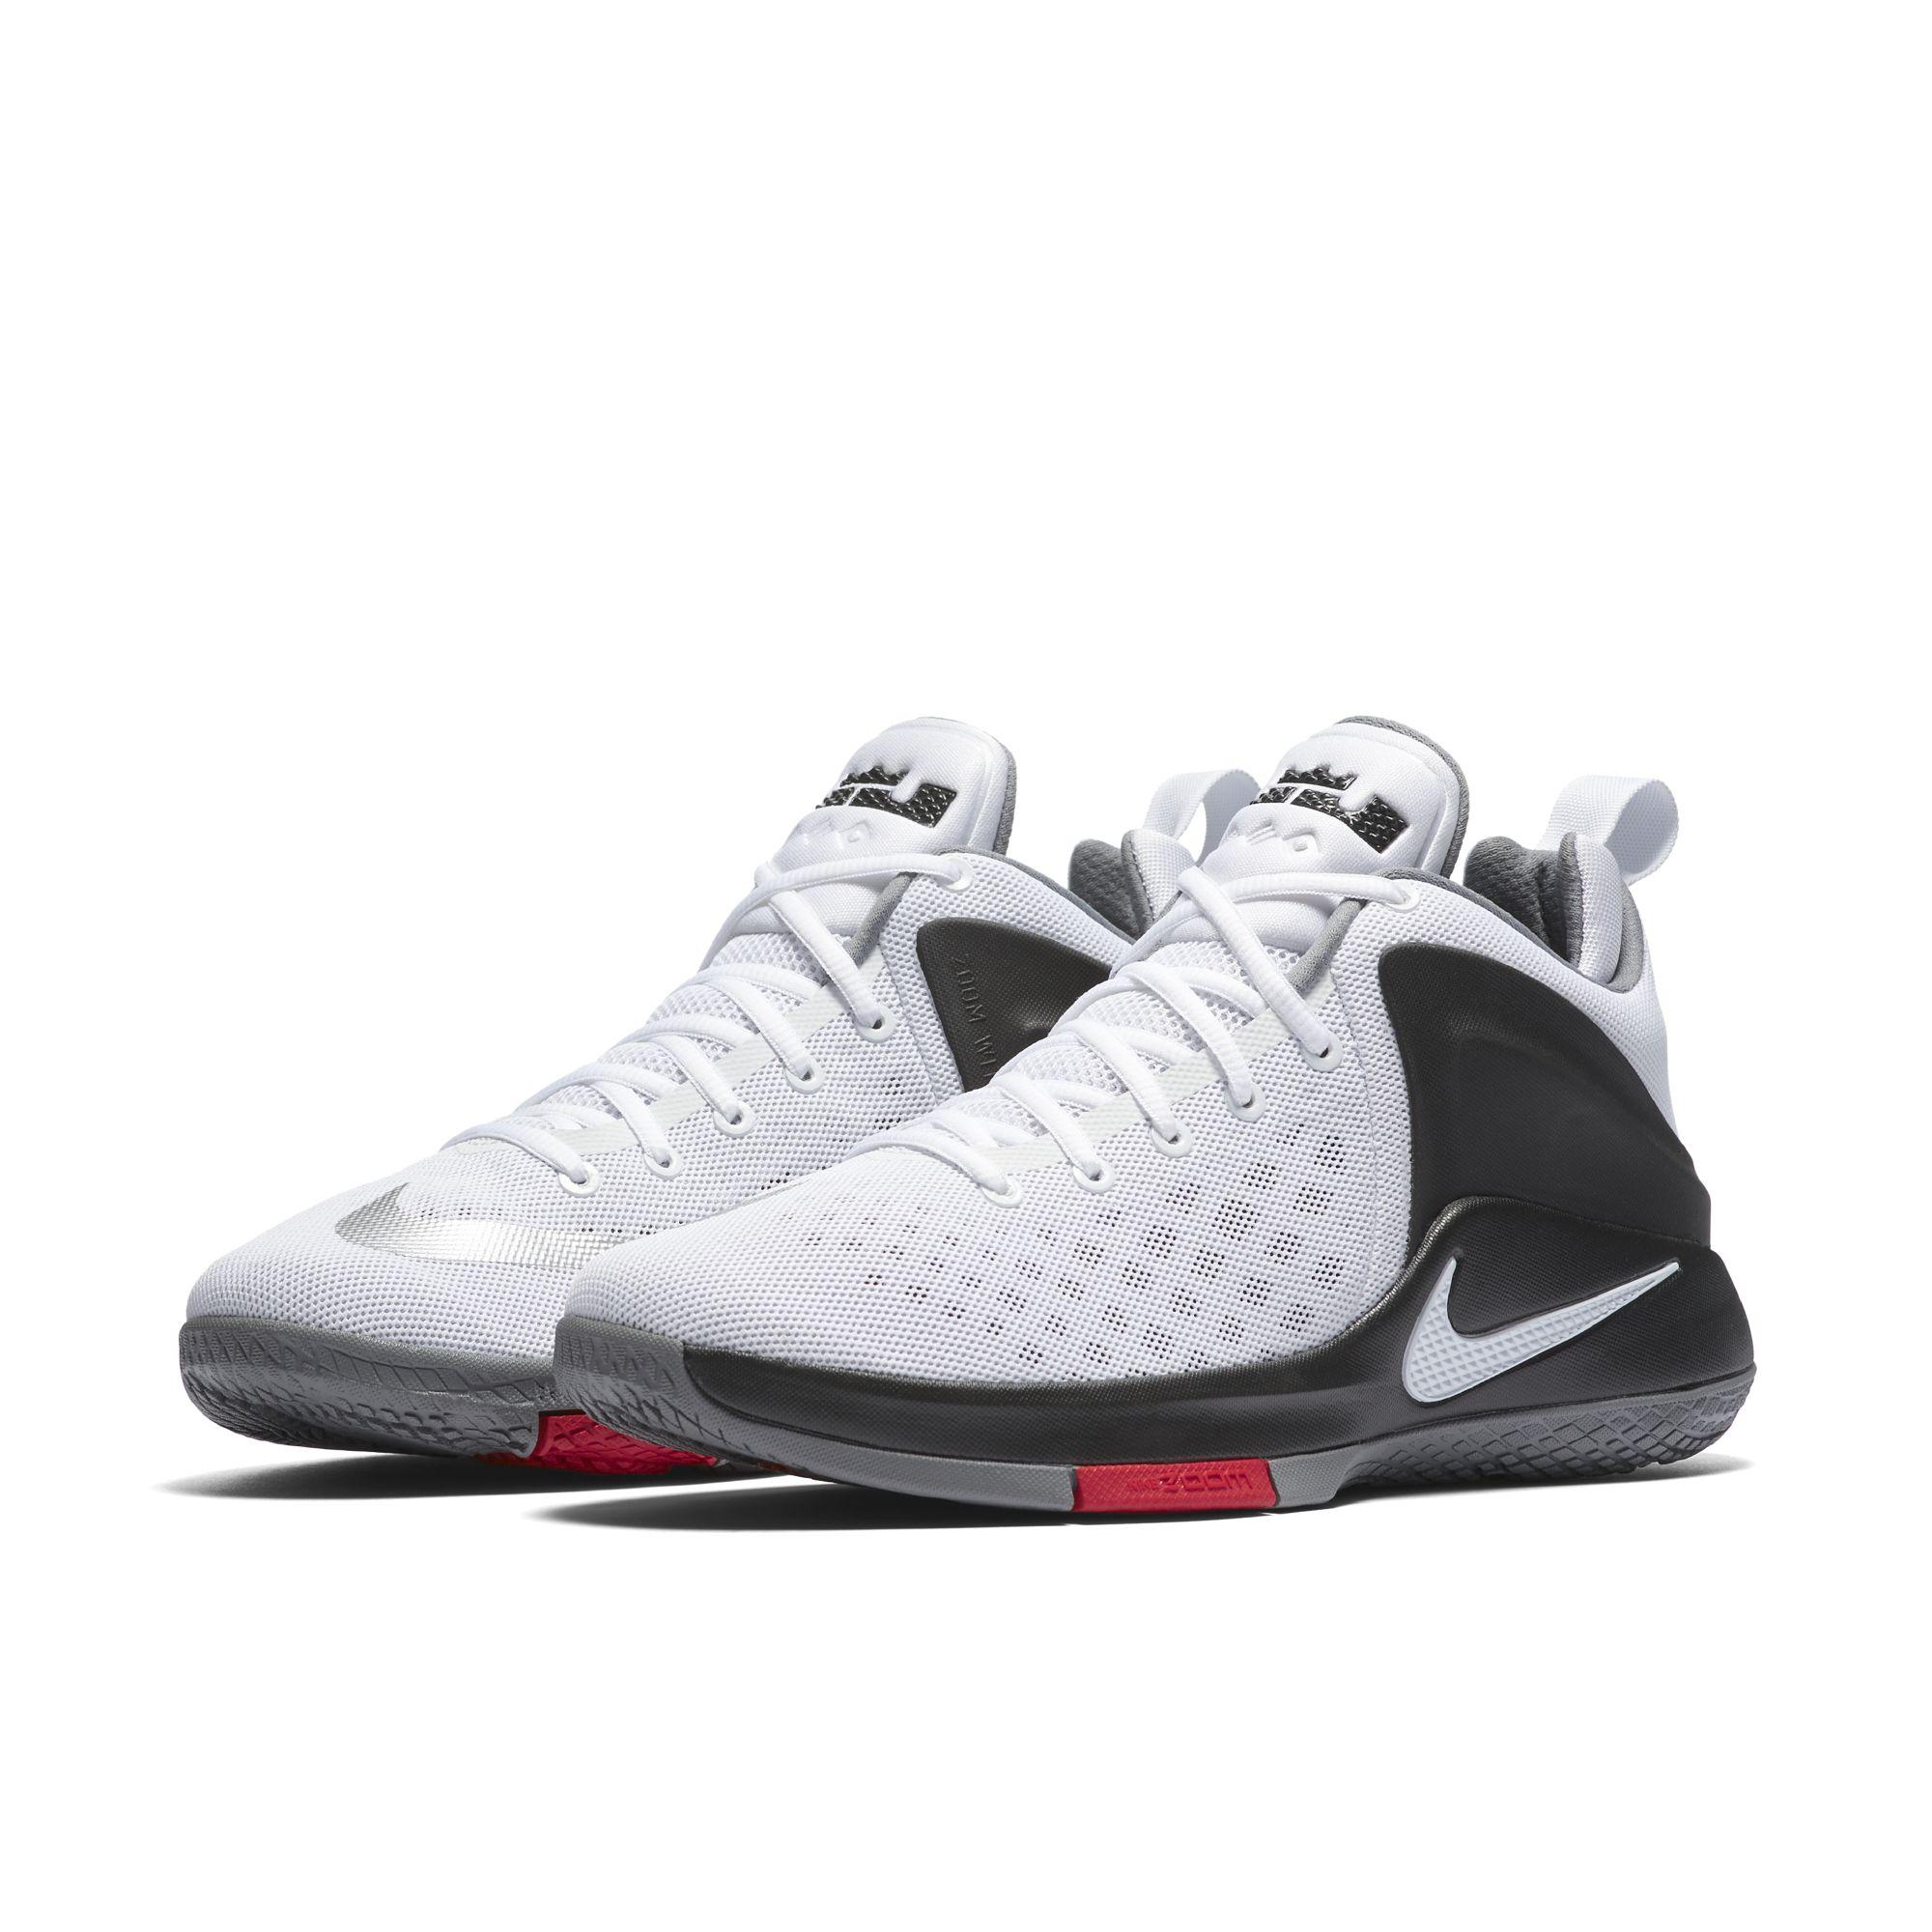 Nike Zoom Witness  White  Full Sep16